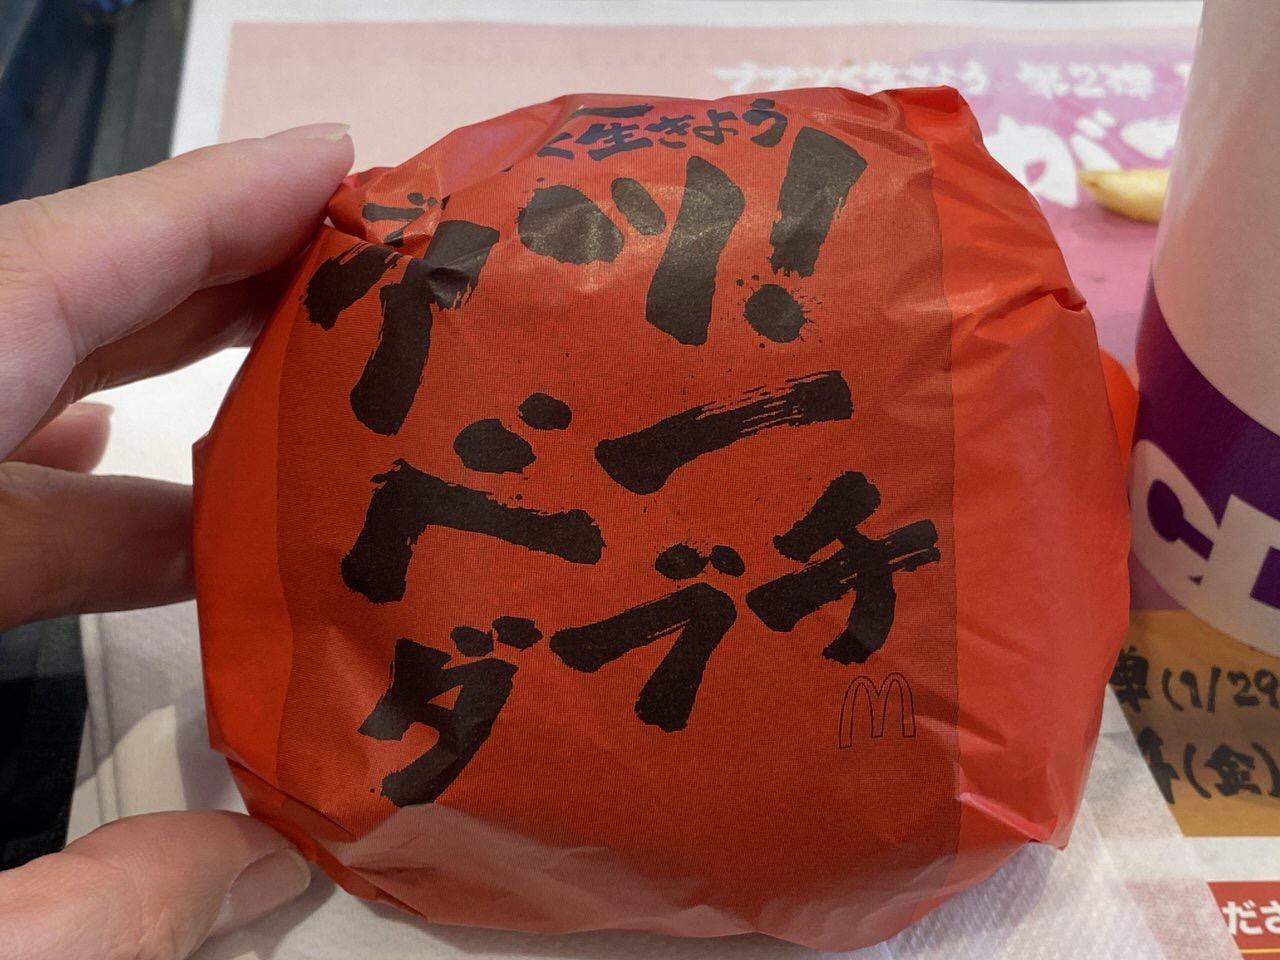 【マクドナルド】「アツ!ベーダブチ」を食べたら分厚いベーコンがベローンしていた